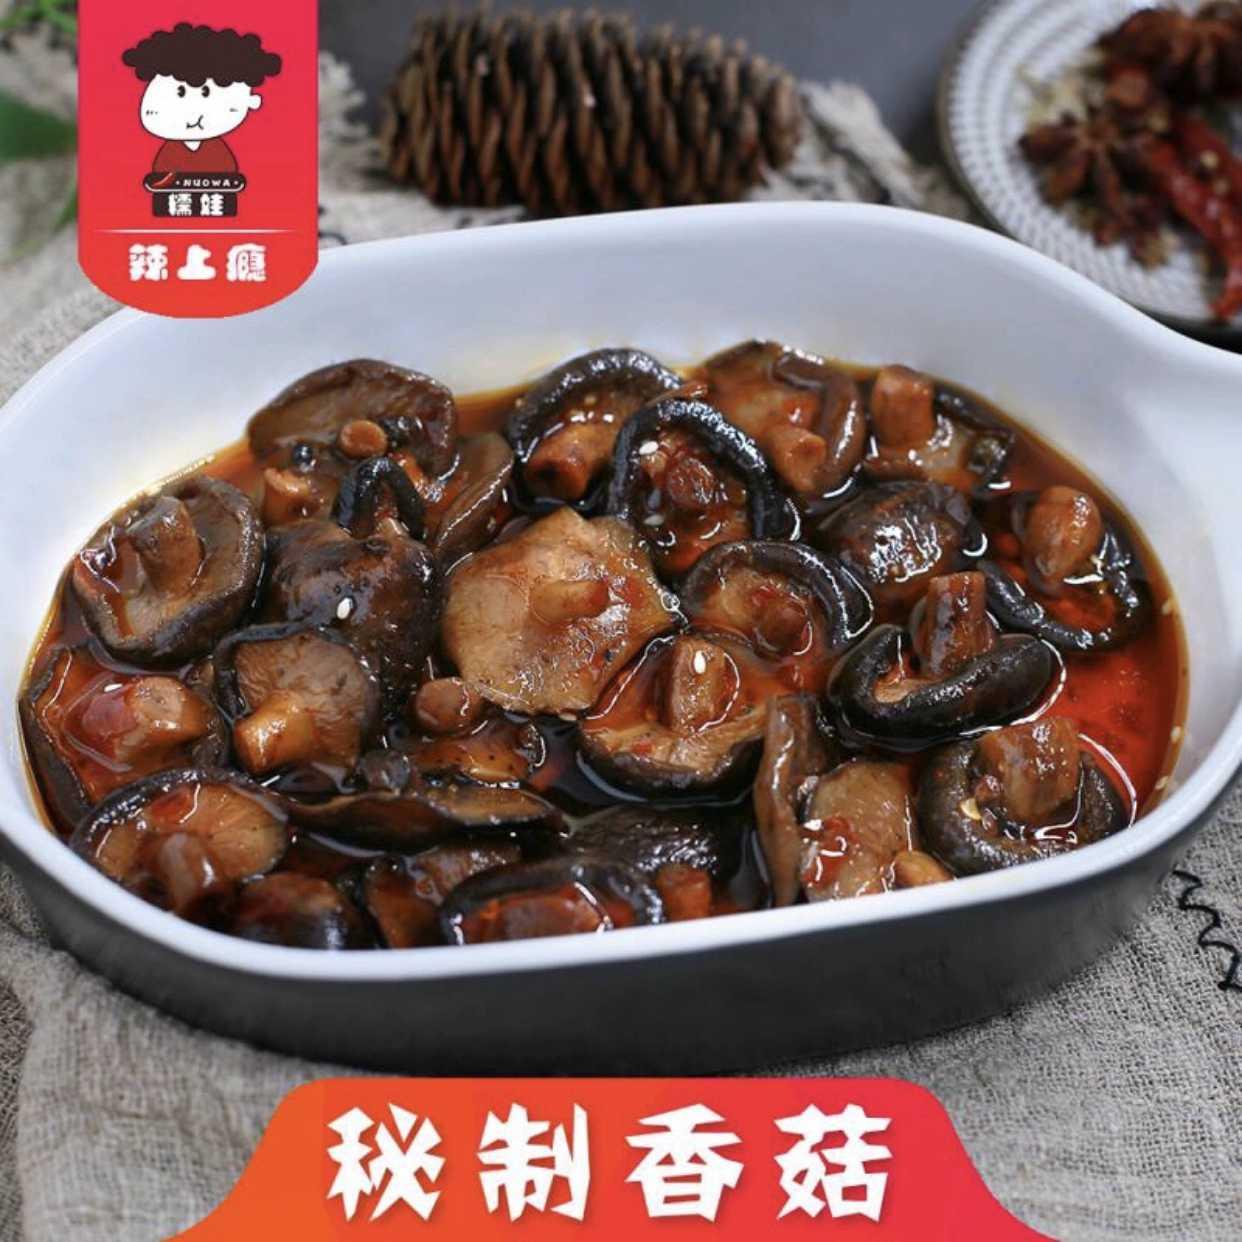 重庆特产无添加剂防腐剂麻辣香辣休闲网红小吃秘制香菇150克